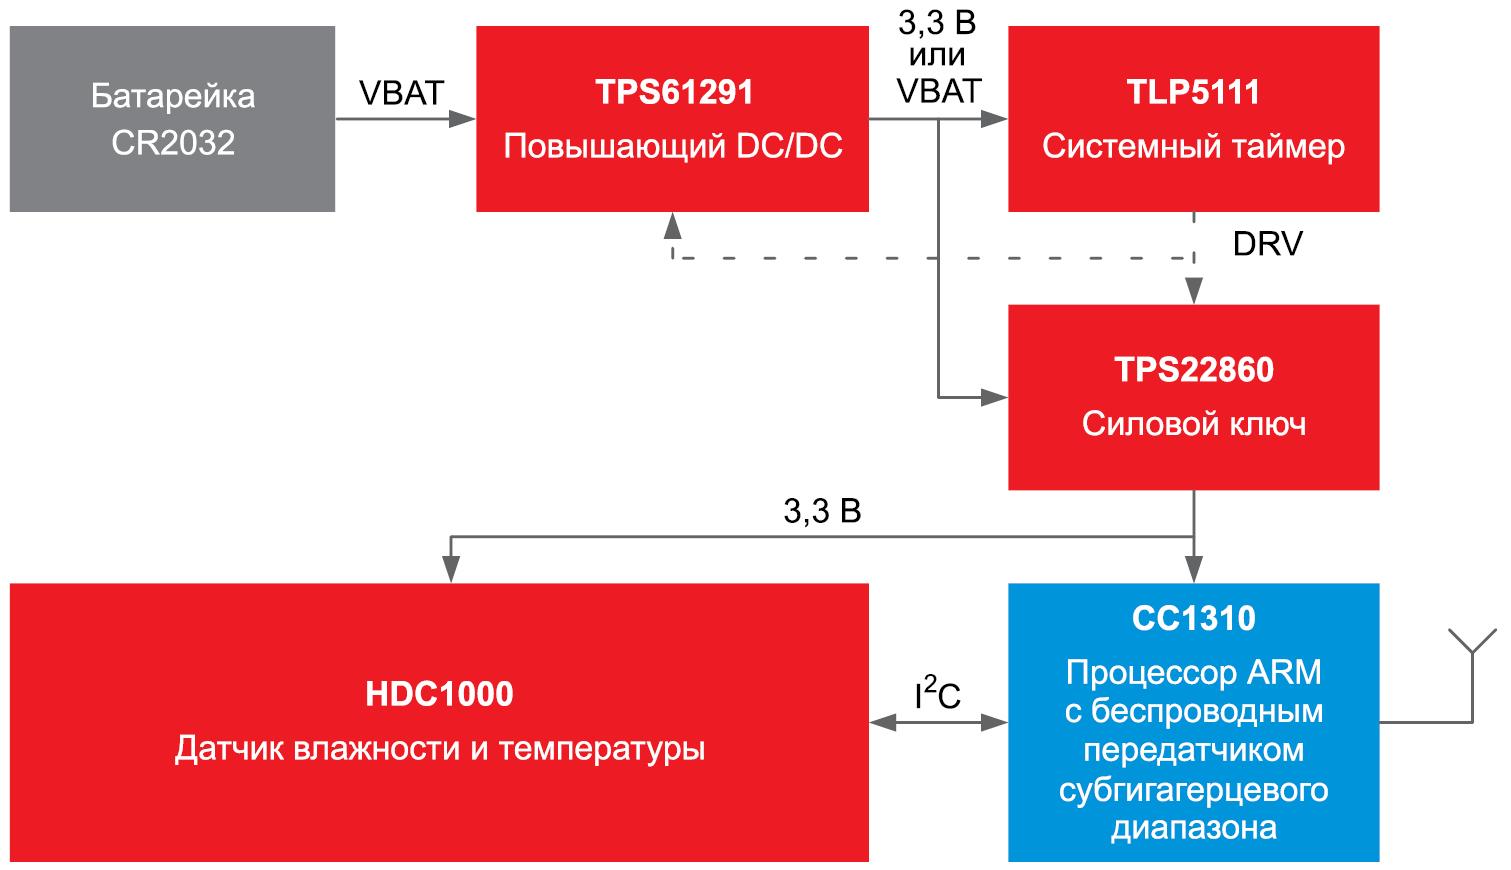 универсальный dc-dc 12 в схема